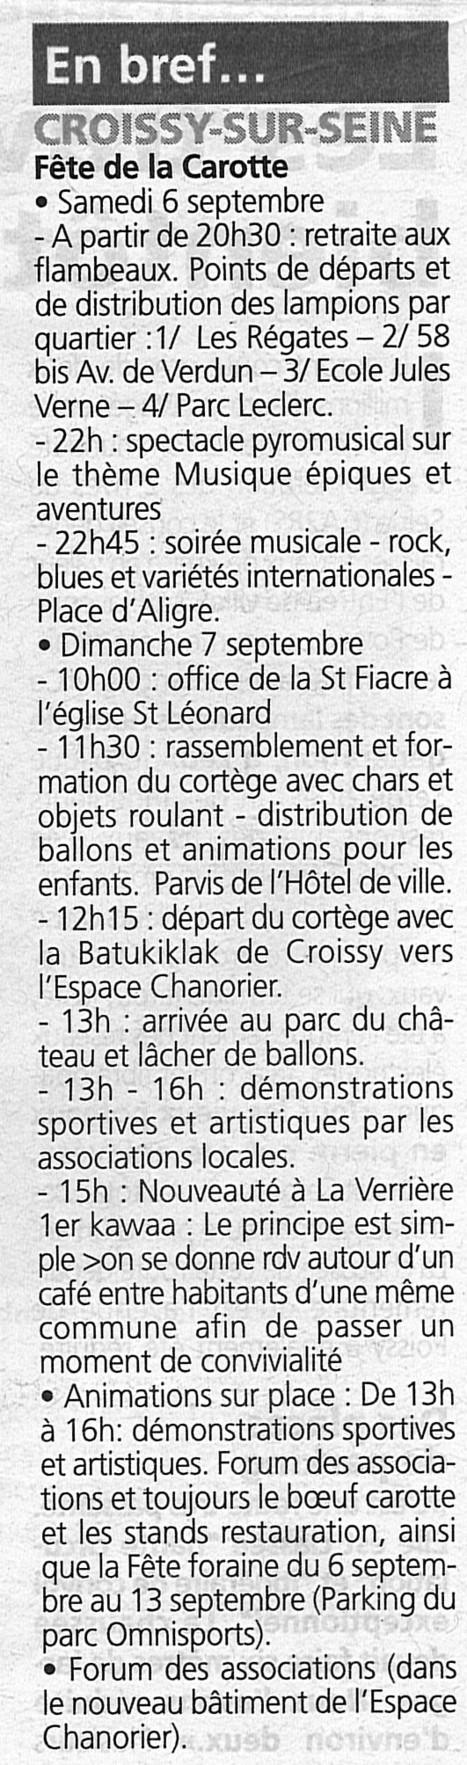 Ce week c'est la fête | Croissy sur Seine | Scoop.it